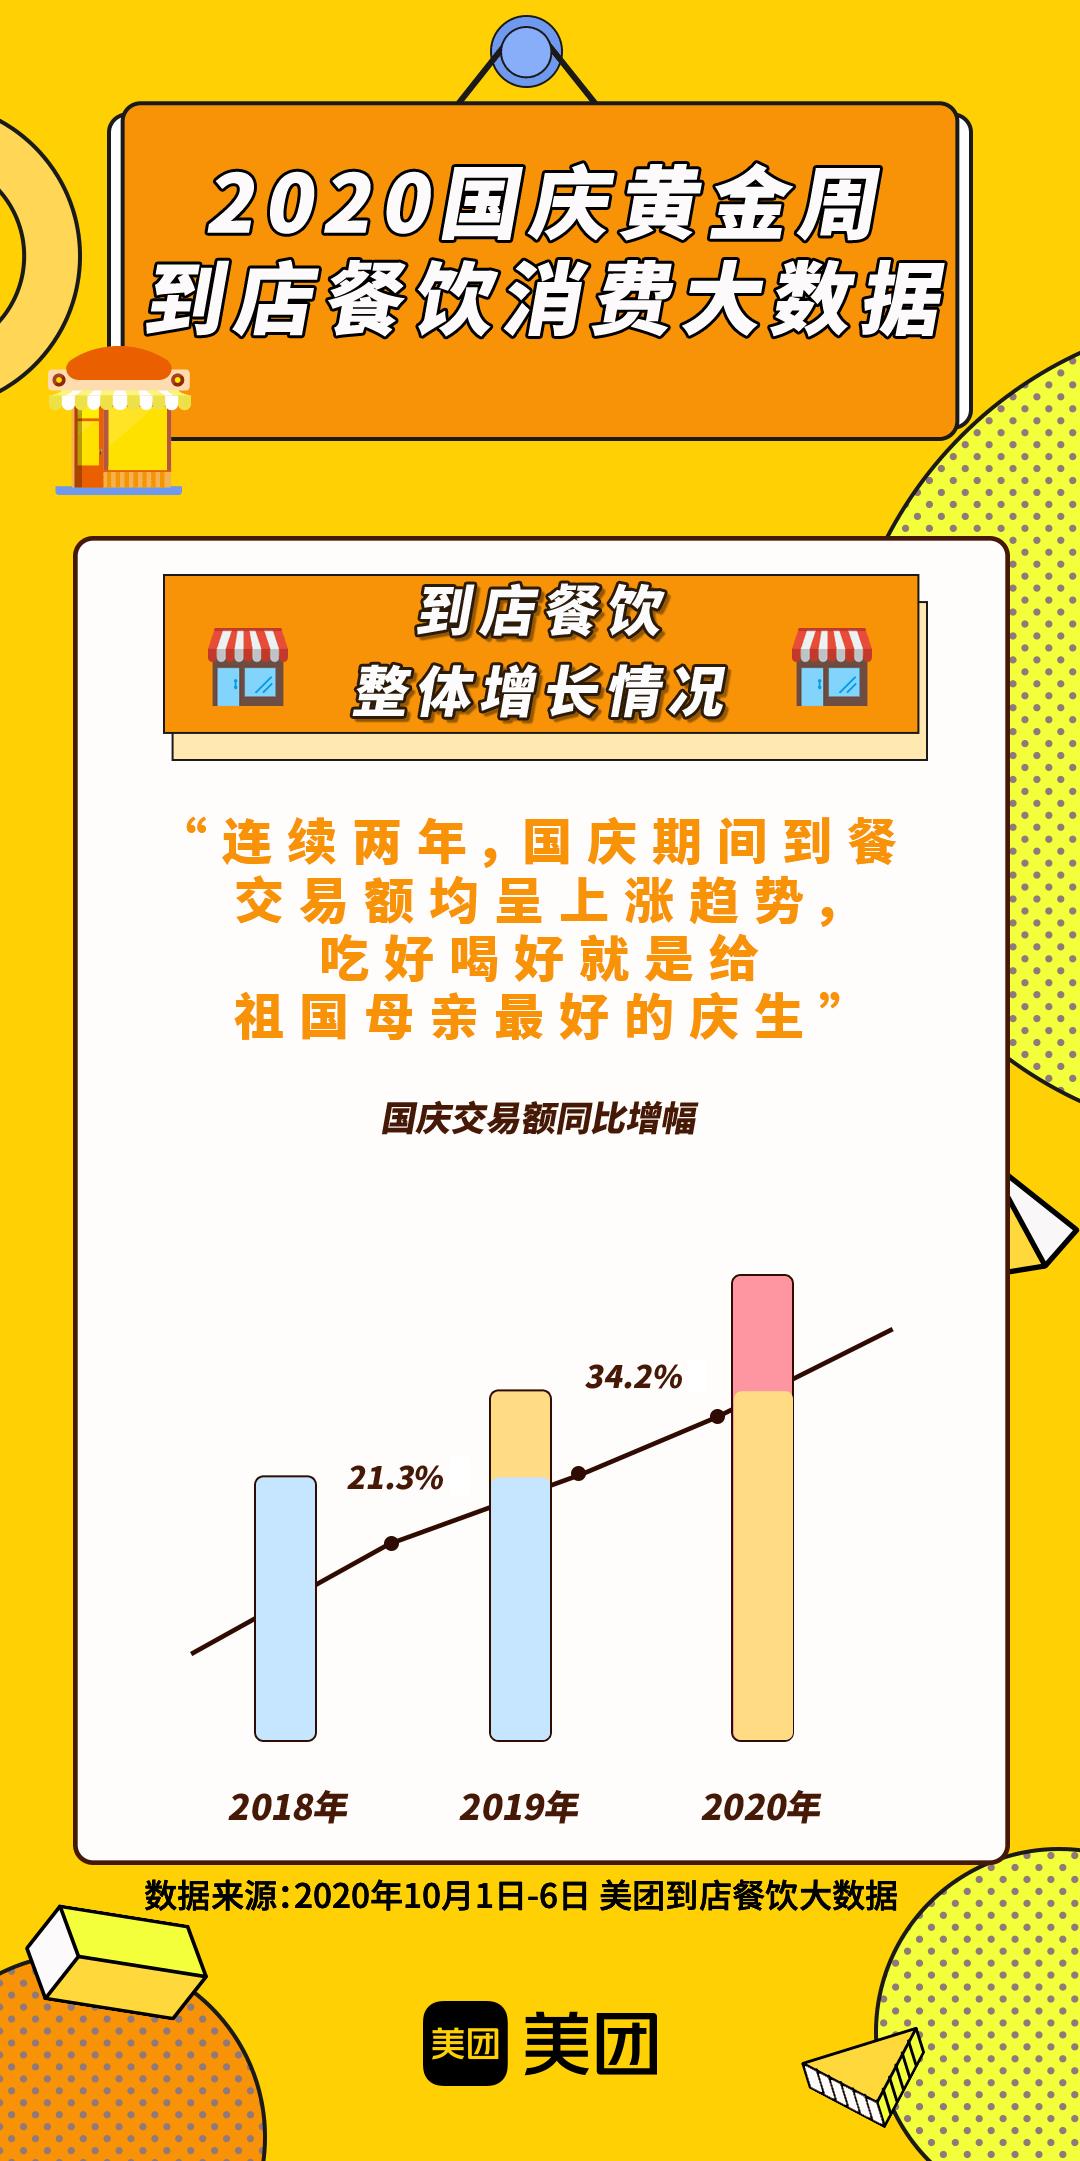 美团大数据:黄金周餐饮消费增长强劲,数字化经营助力客流转化